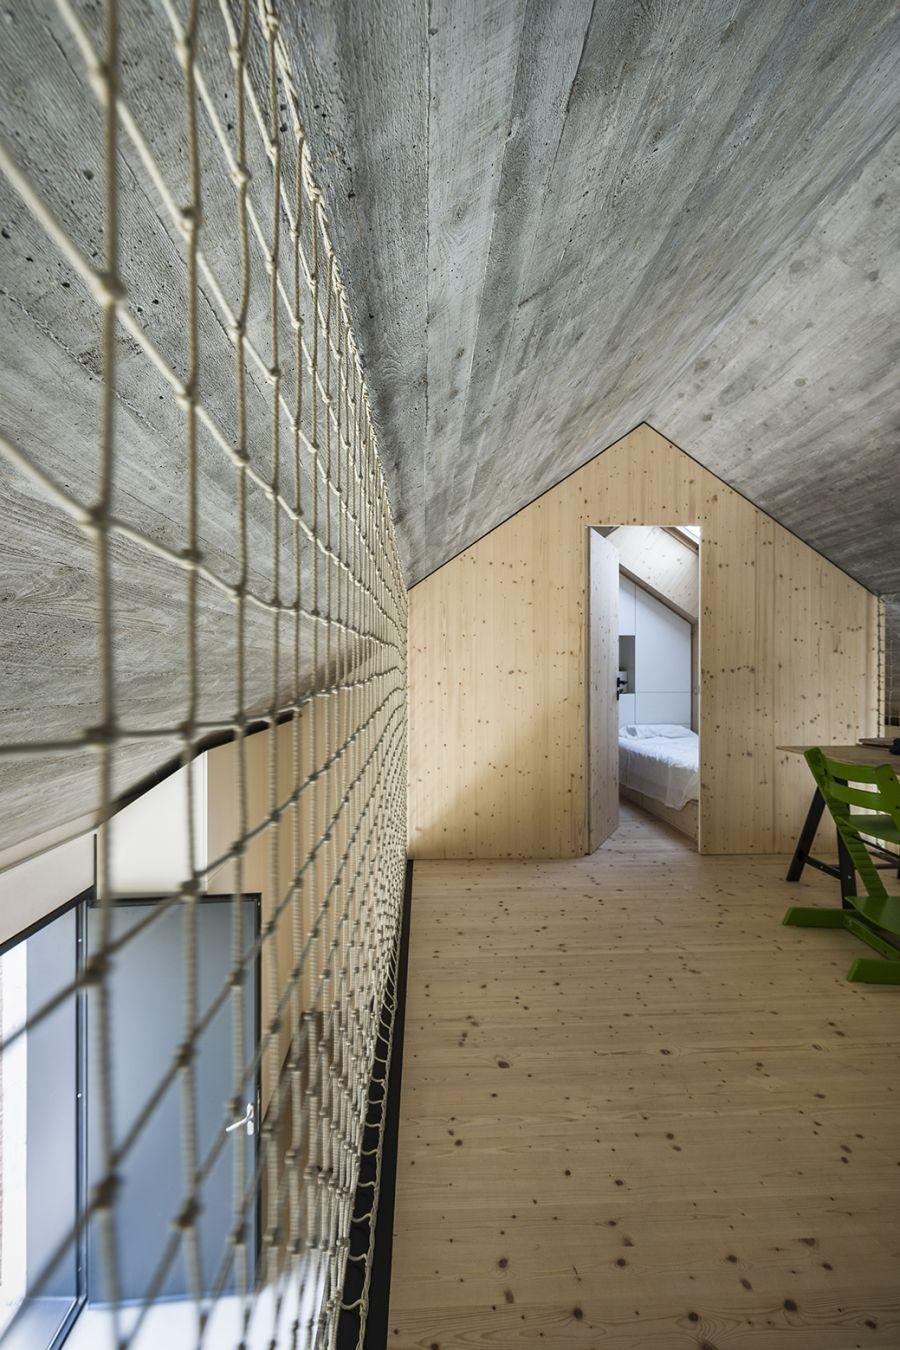 La arquitectura moderna y tradicional eslovena confluyen en esta casa compacta 22